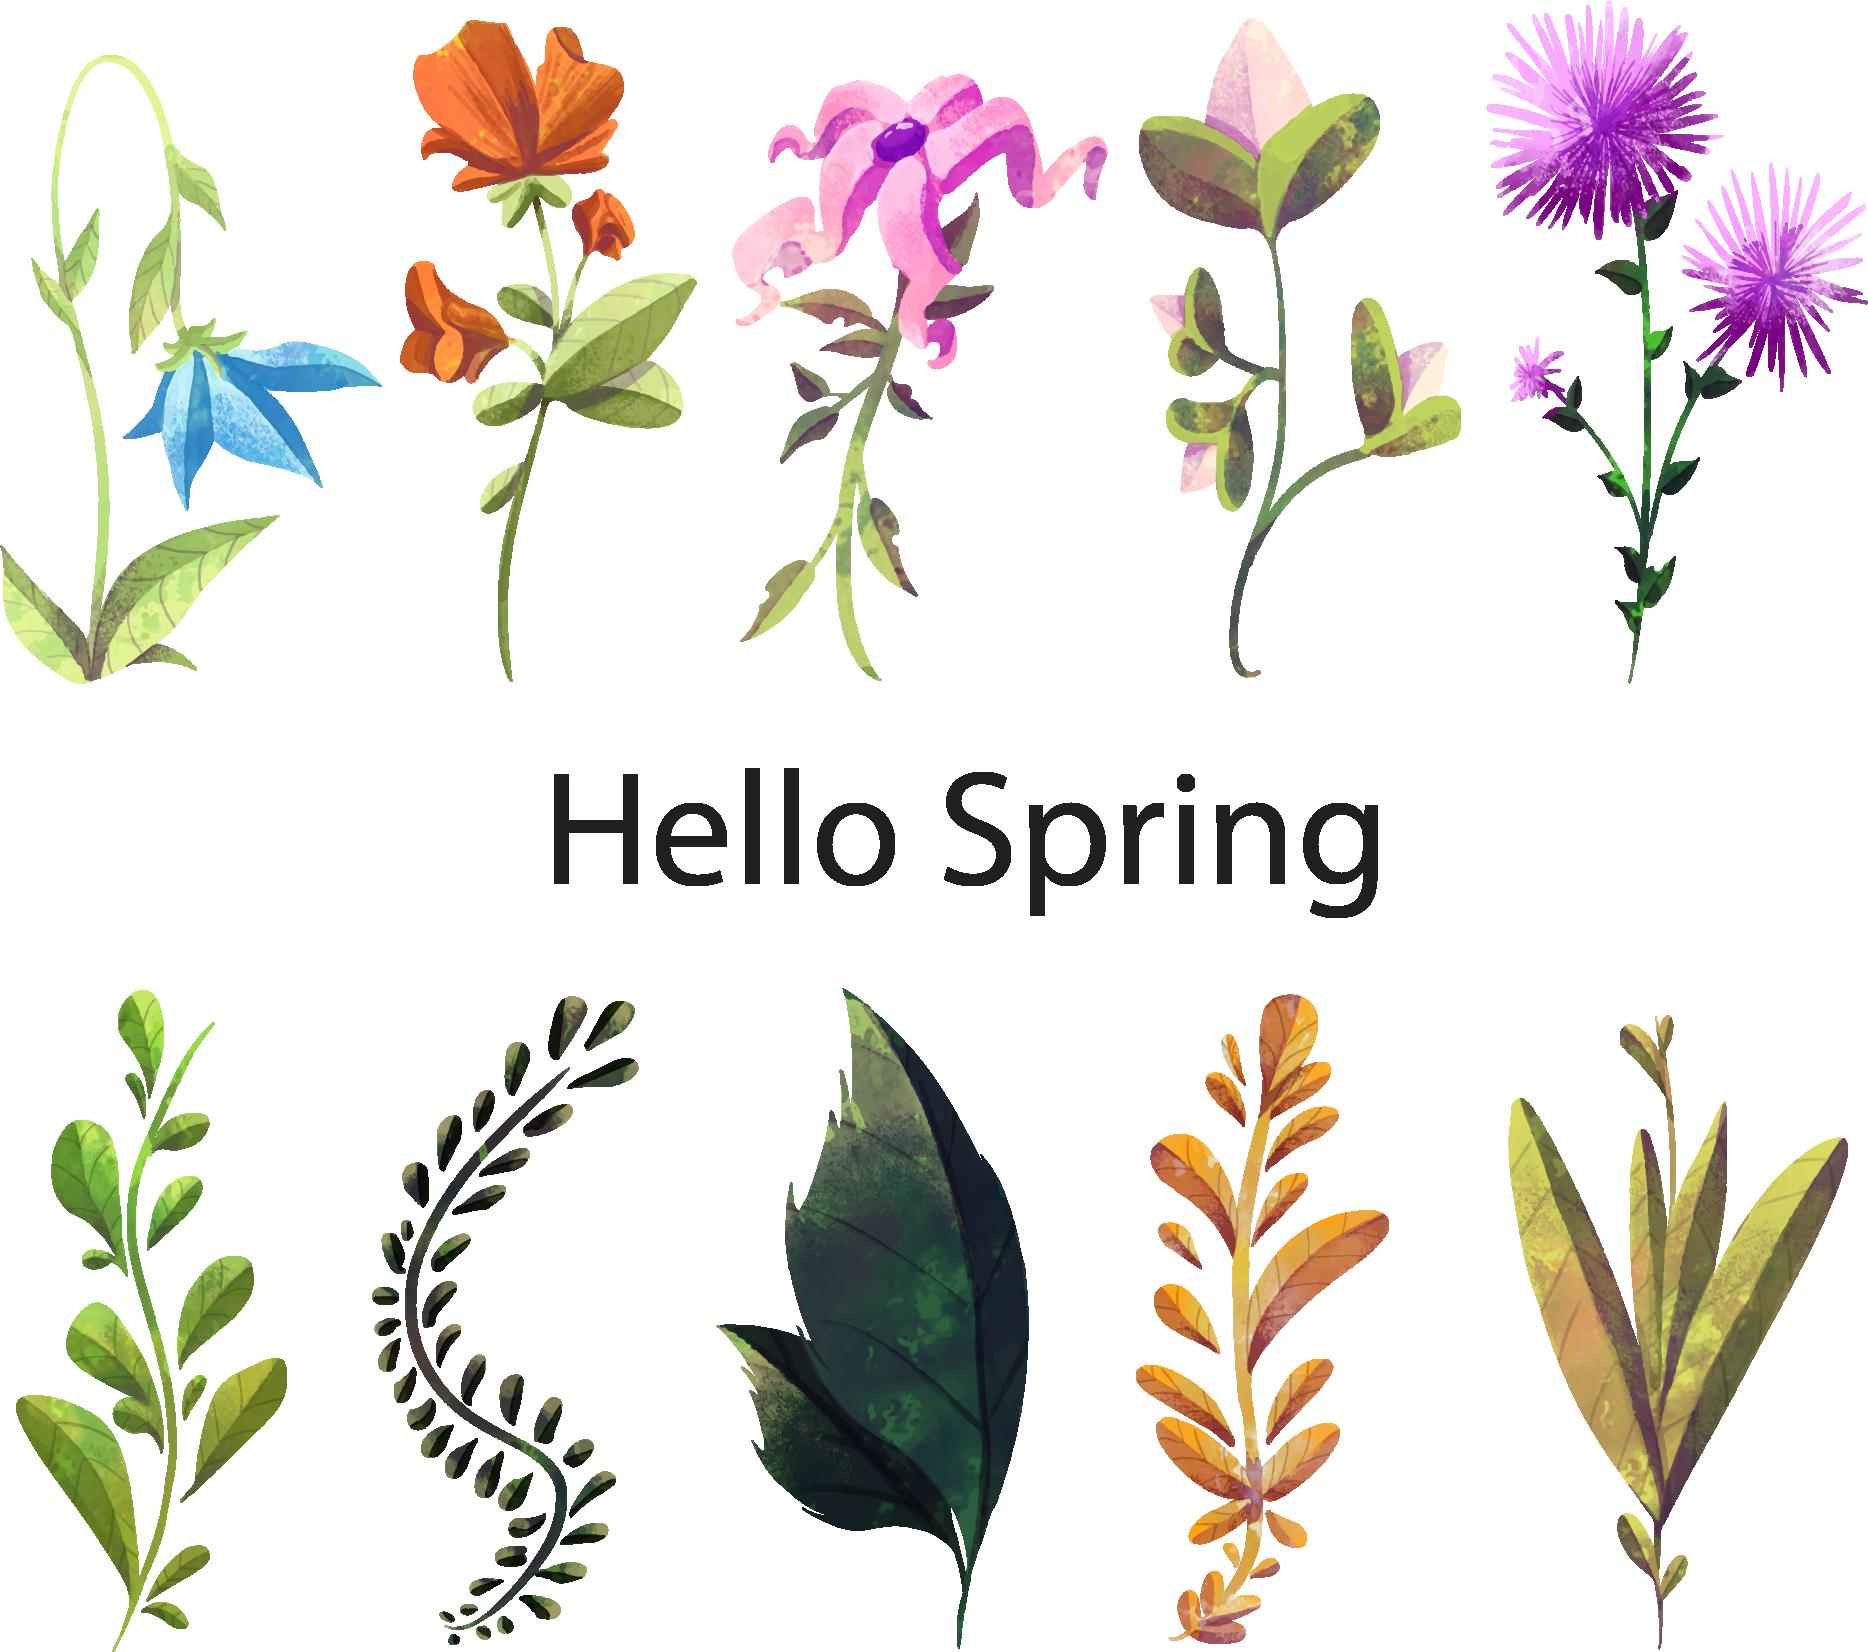 Dandelion clipart watercolor. Floral design painting flower